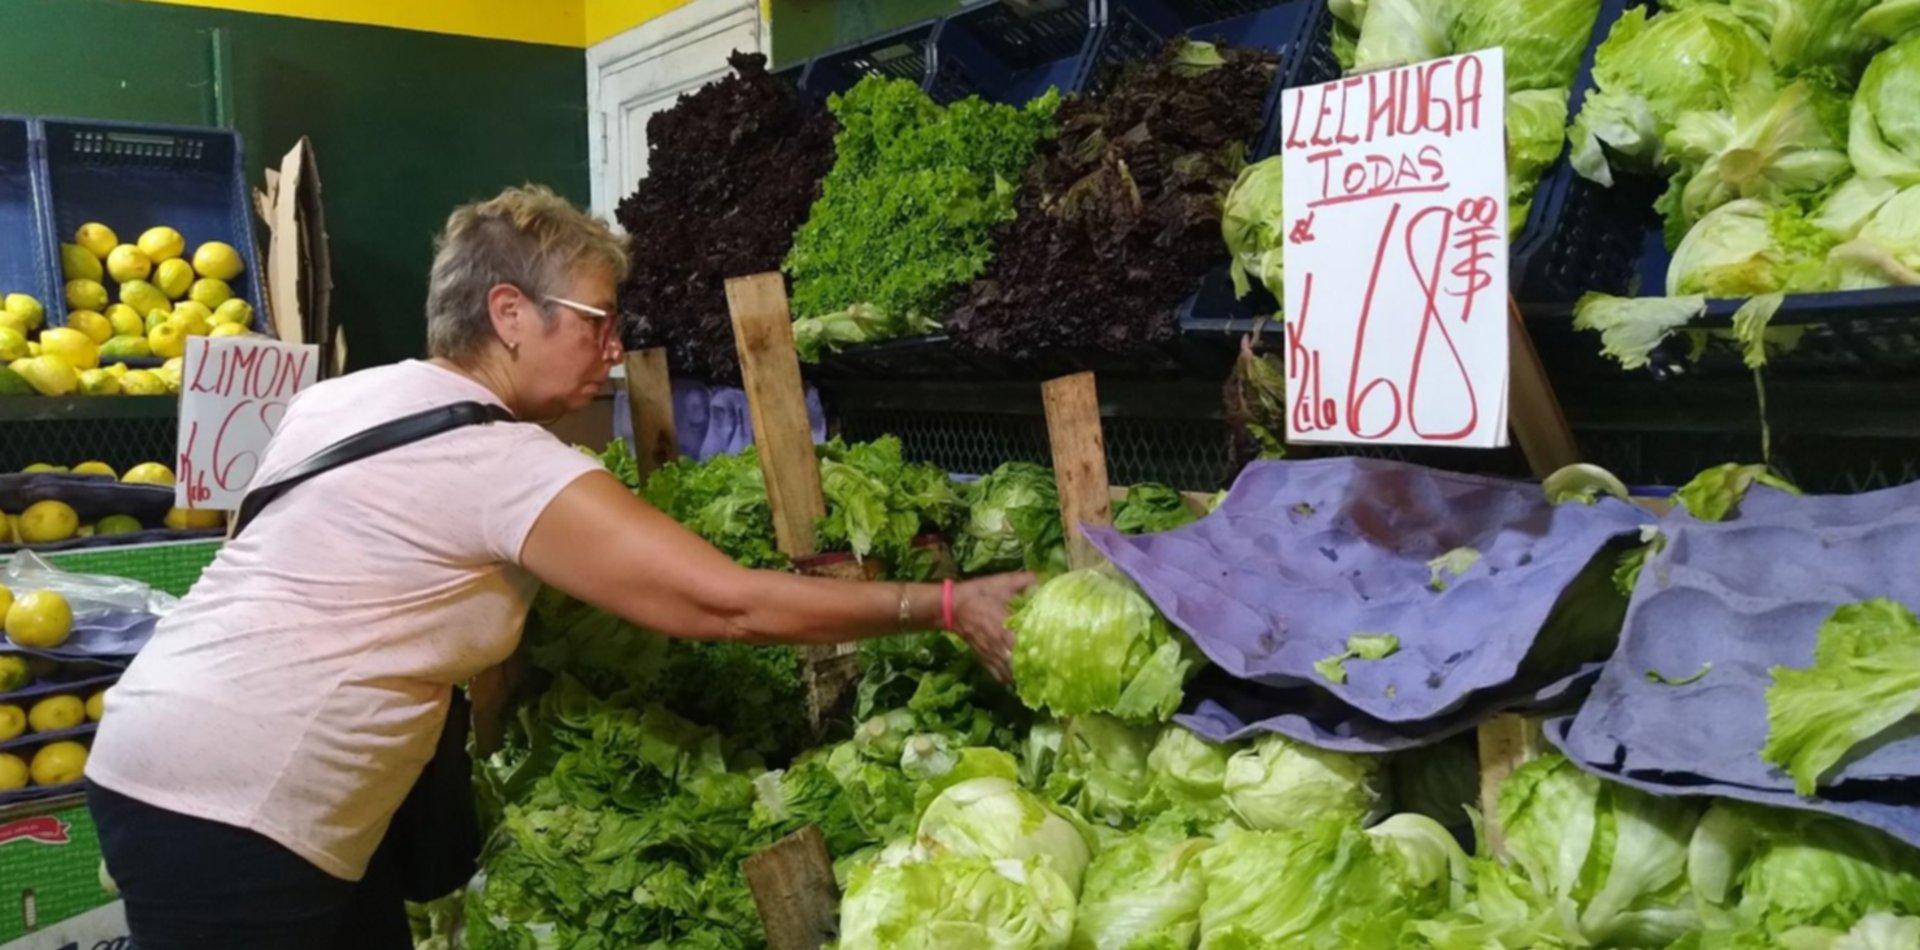 Verduras, yerba y azúcar: el ranking de consultas de los consumidores platenses en cuarentena